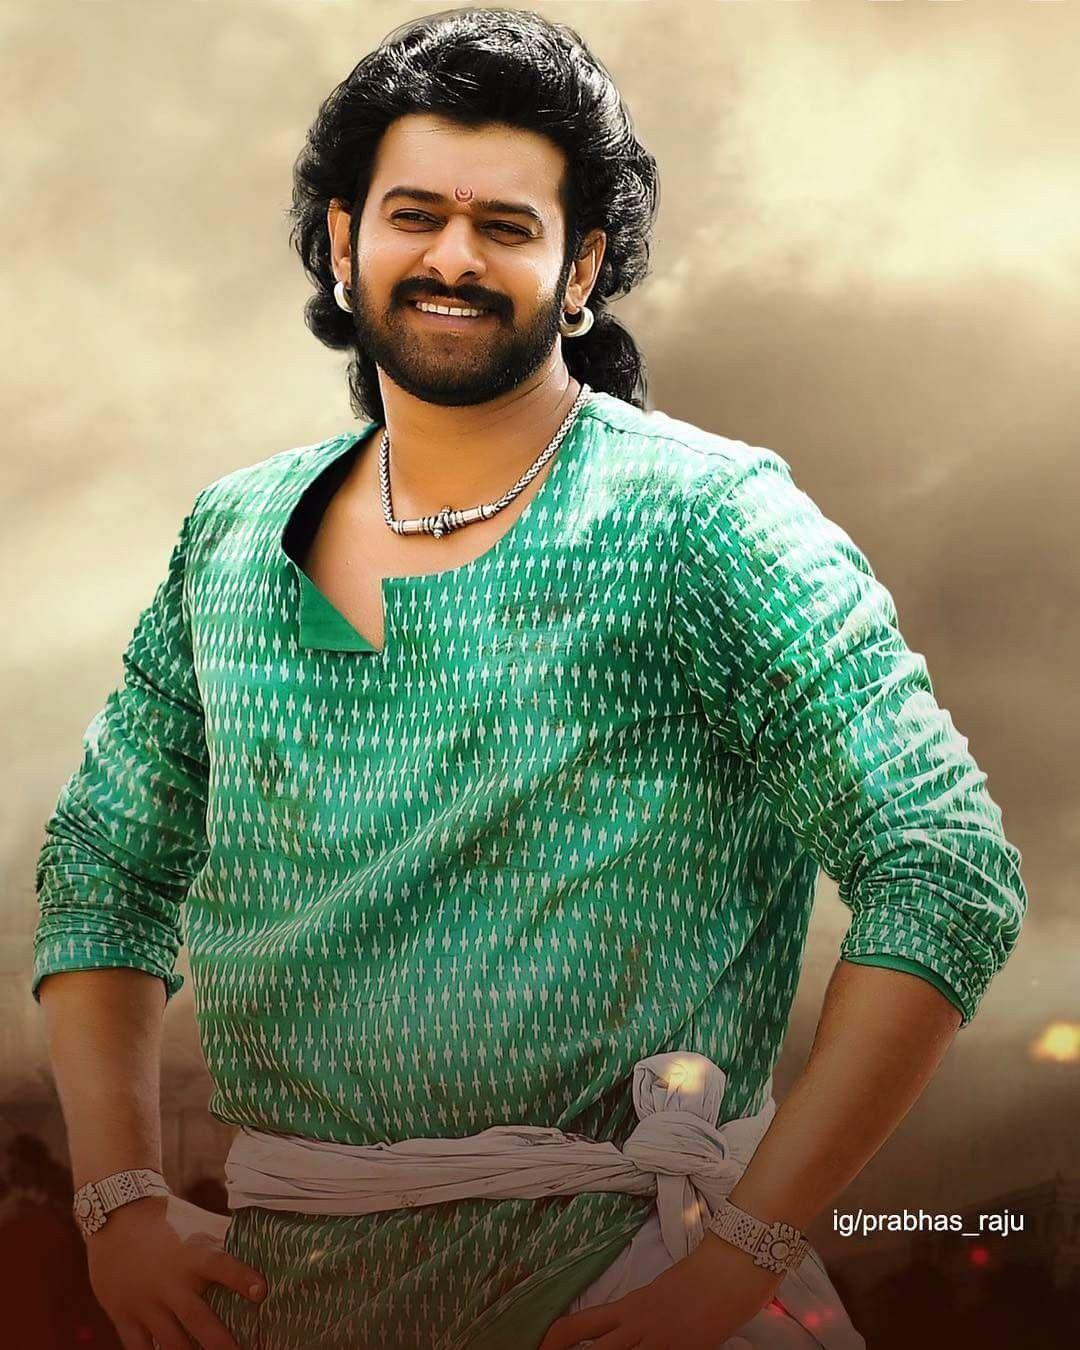 beautiful casual work attire prabhas pics prabhas actor prabhas pics